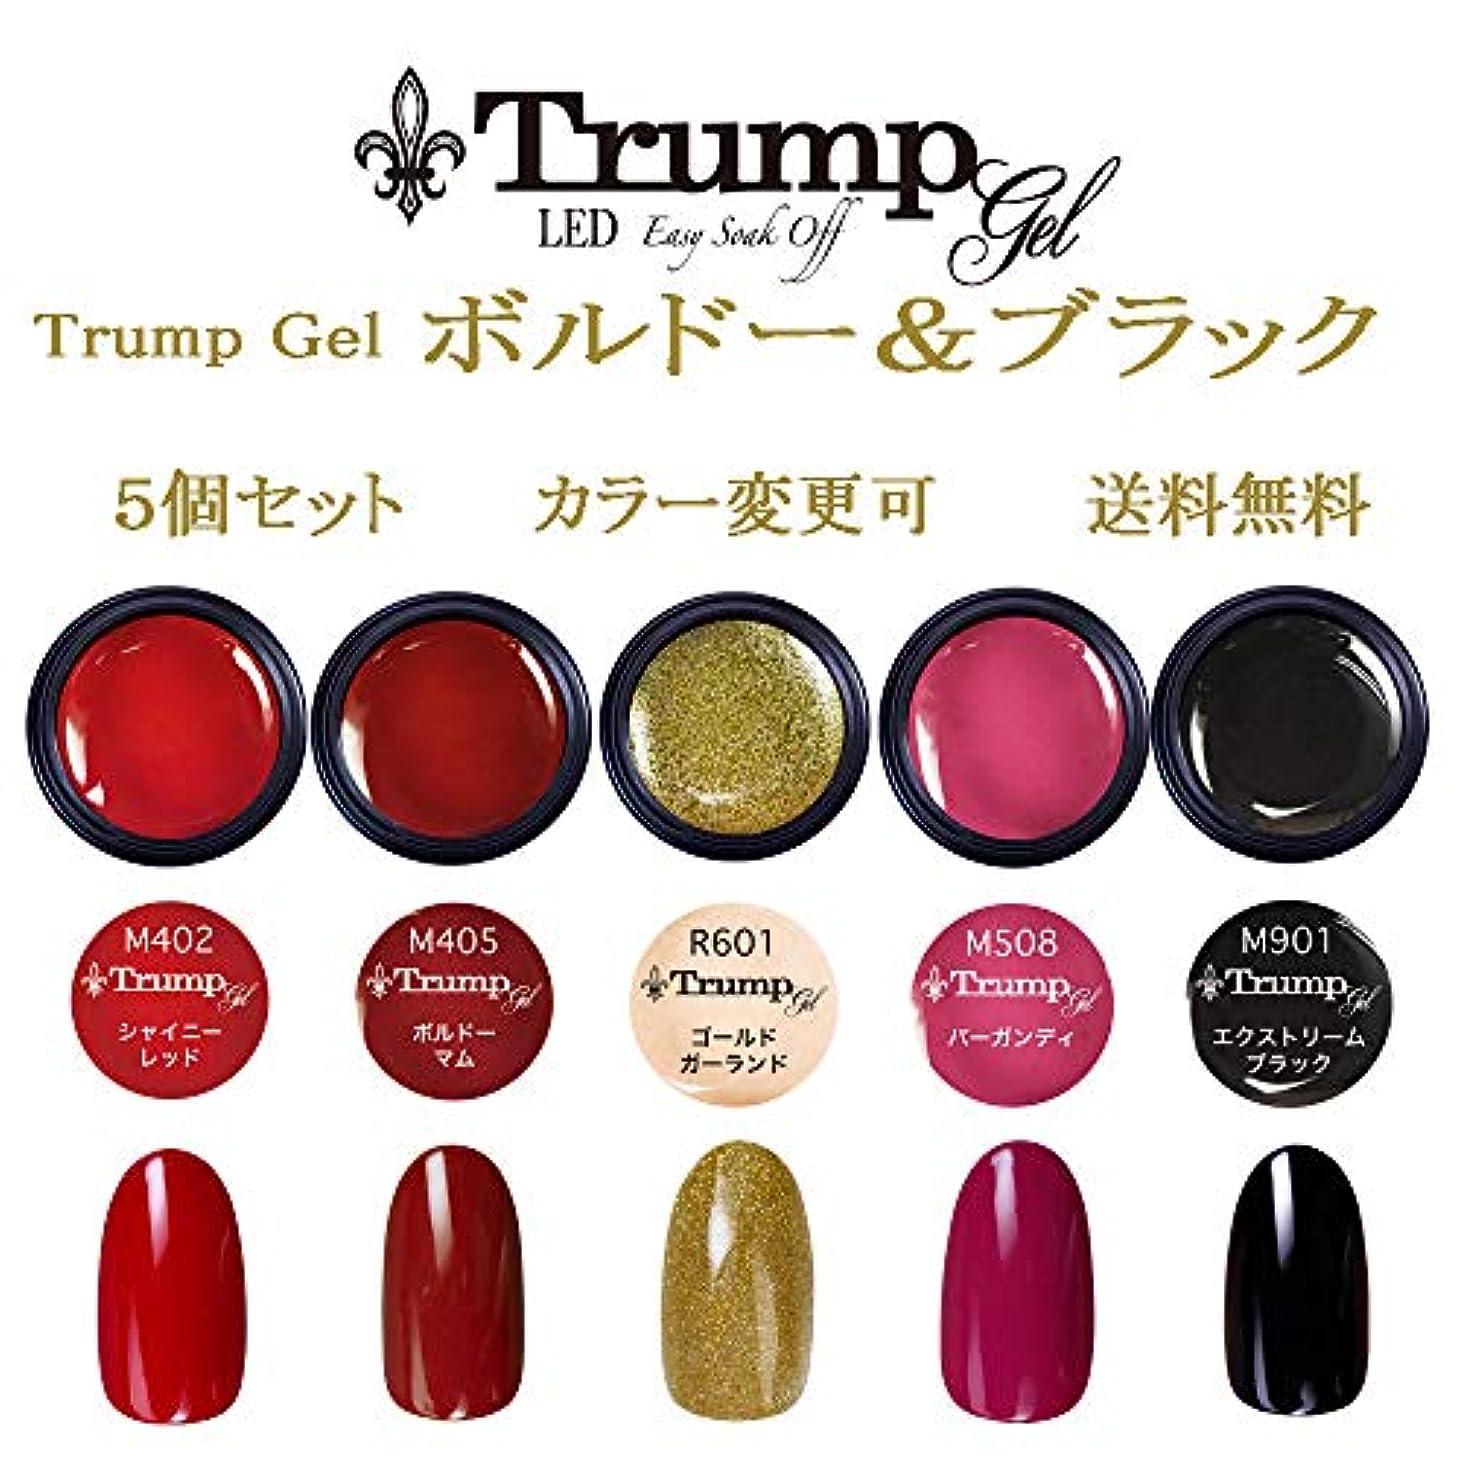 傷つけるオゾンハング日本製 Trump gel トランプジェル ボルドー & ブラック ネイル 選べる カラージェル 5個セット ワイン ボルドー ゴールド パープル ブラック